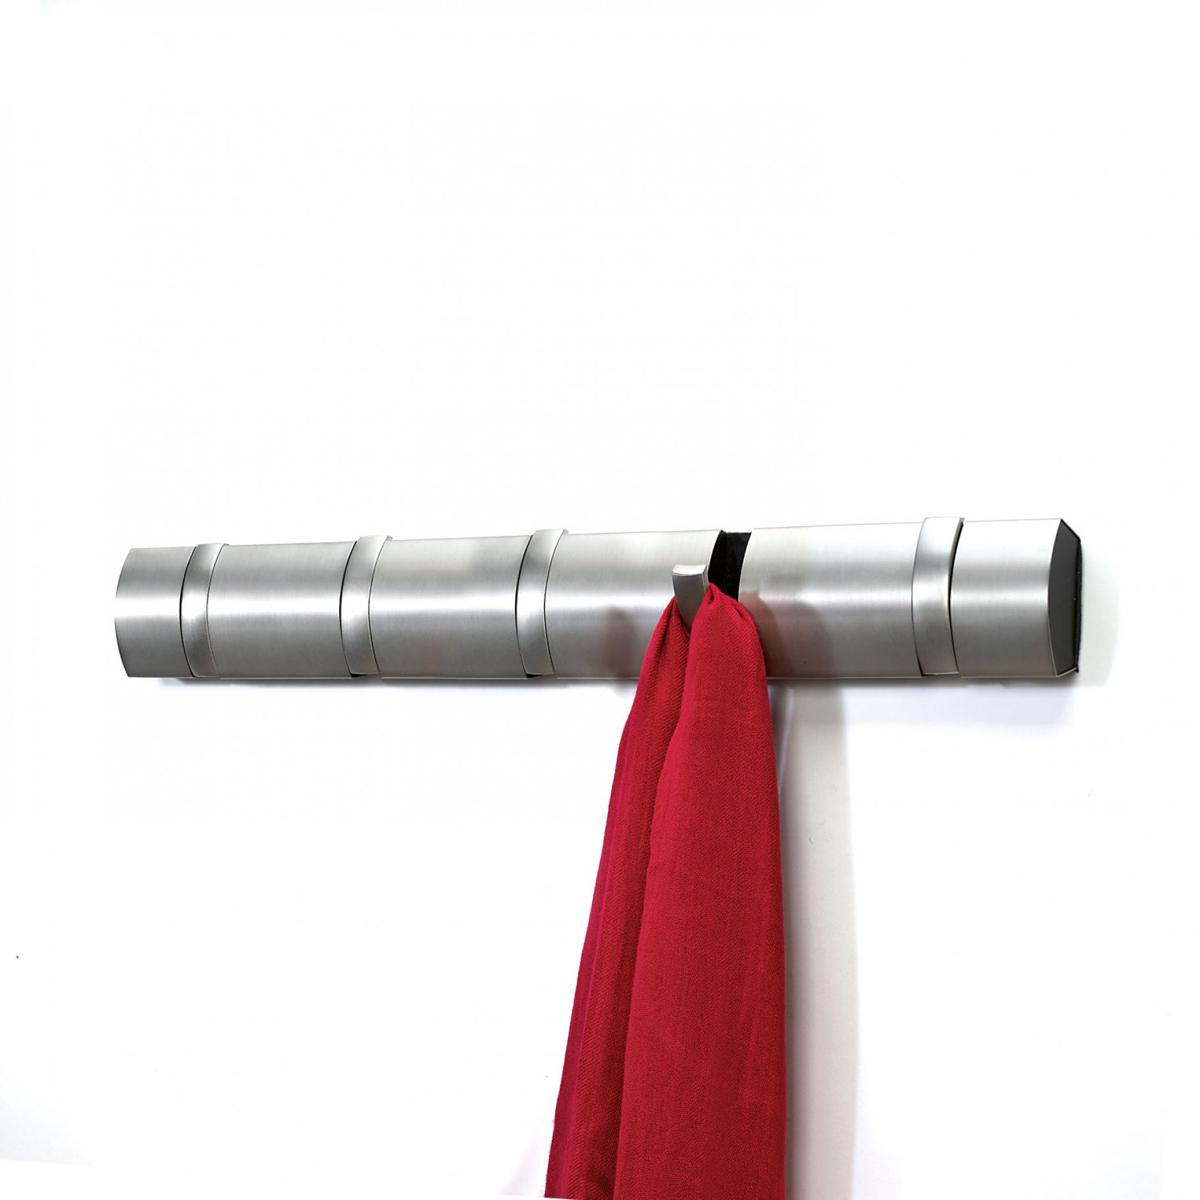 Вешалка настенная Umbra Flip, цвет: стальной, 5 крючков. 318852-410318852-410Стильная и прочная вешалка Umbra Flip интересной формы и оригинального дизайна изготовлена из прочного пластика и металла. Имеет 5 откидных крючков из никеля: когда они не используются, то складываются, превращая конструкцию в абсолютно гладкую поверхность. Вешалка Umbra Flip идеально подходит для маленьких прихожих и ограниченных пространств. Каждый крючок выдерживает вес до 2,3 кг. Размер вешалки: 51 см х 5,5 см х 2 см.